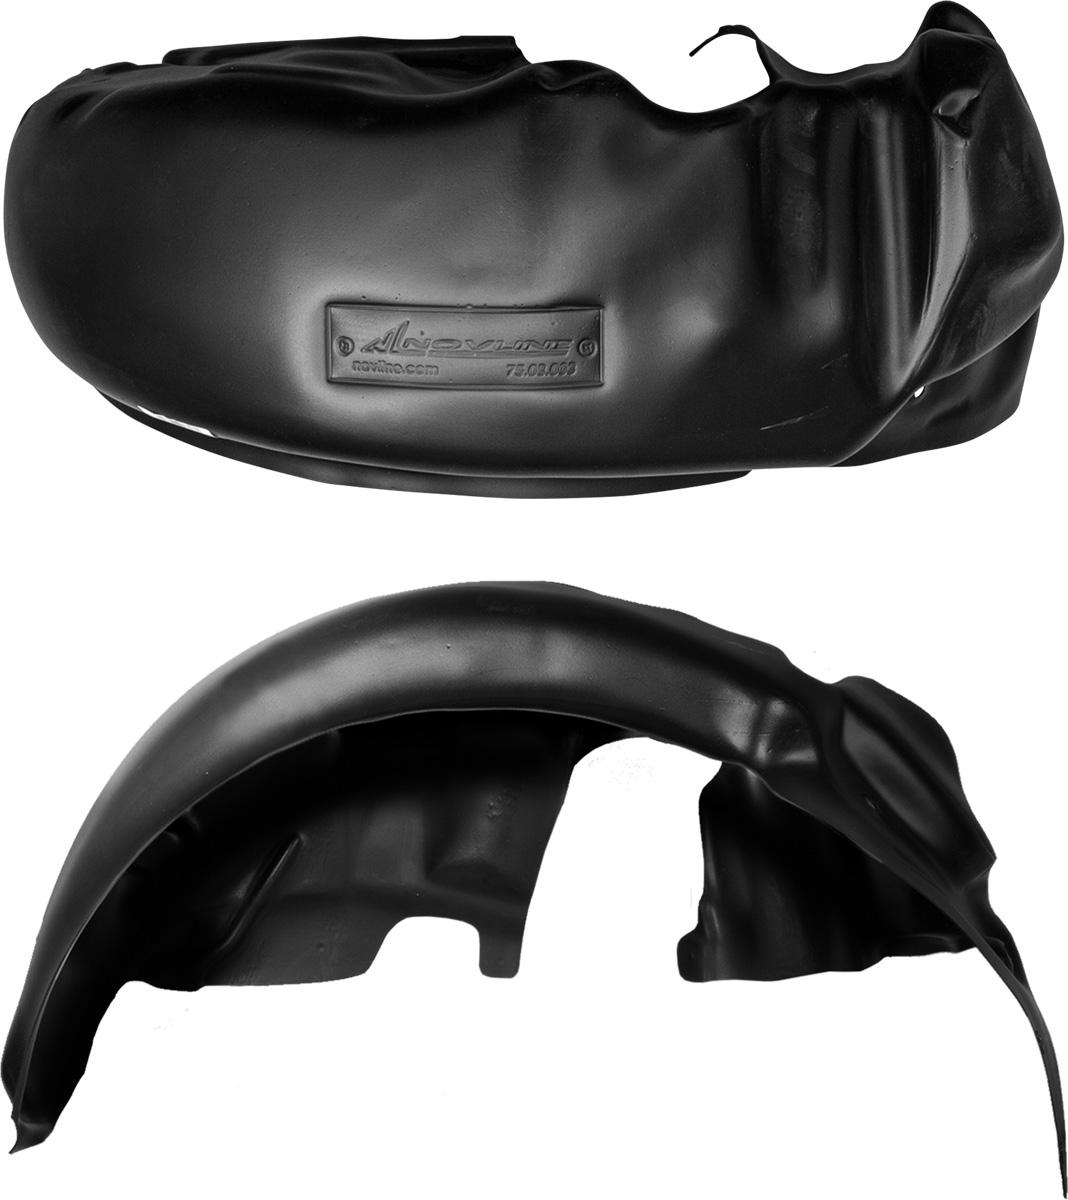 Подкрылок Novline-Autofamily, для Great Wall Hover H5, 2010->, передний левыйNLL.59.10.001Колесные ниши - одни из самых уязвимых зон днища вашего автомобиля. Они постоянно подвергаются воздействию со стороны дороги. Лучшая, почти абсолютная защита для них - специально отформованные пластиковые кожухи, которые называются подкрылками. Производятся они как для отечественных моделей автомобилей, так и для иномарок. Подкрылки Novline-Autofamily выполнены из высококачественного, экологически чистого пластика. Обеспечивают надежную защиту кузова автомобиля от пескоструйного эффекта и негативного влияния, агрессивных антигололедных реагентов. Пластик обладает более низкой теплопроводностью, чем металл, поэтому в зимний период эксплуатации использование пластиковых подкрылков позволяет лучше защитить колесные ниши от налипания снега и образования наледи. Оригинальность конструкции подчеркивает элегантность автомобиля, бережно защищает нанесенное на днище кузова антикоррозийное покрытие и позволяет осуществить крепление подкрылков внутри колесной арки практически без дополнительного крепежа и сверления, не нарушая при этом лакокрасочного покрытия, что предотвращает возникновение новых очагов коррозии. Подкрылки долговечны, обладают высокой прочностью и сохраняют заданную форму, а также все свои физико-механические характеристики в самых тяжелых климатических условиях (от -50°С до +50°С).Уважаемые клиенты!Обращаем ваше внимание, на тот факт, что подкрылок имеет форму, соответствующую модели данного автомобиля. Фото служит для визуального восприятия товара.